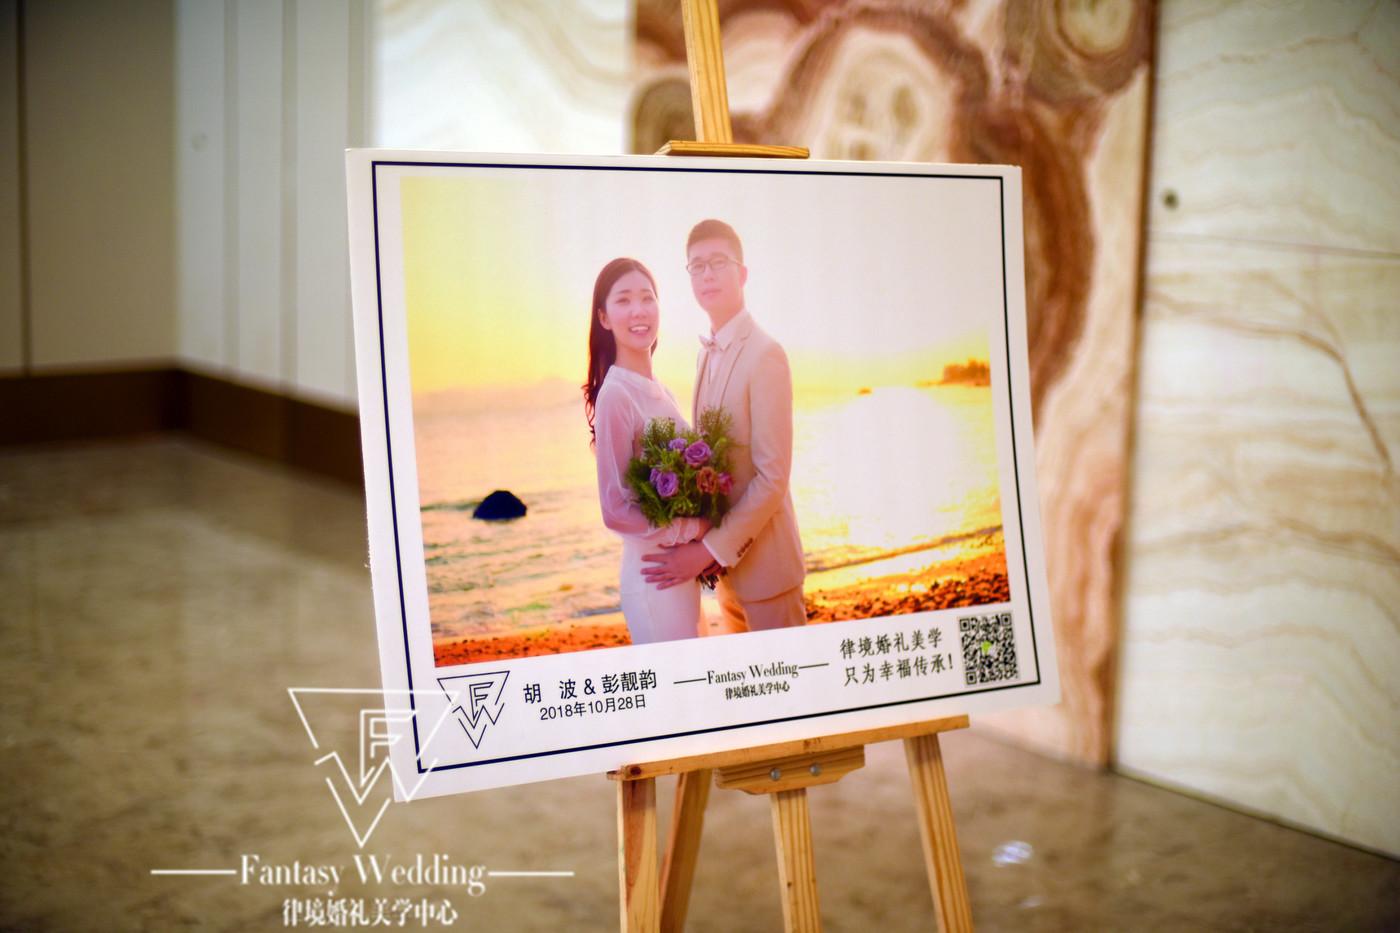 「律境婚礼」 胡萝卜& 方莱婚礼15